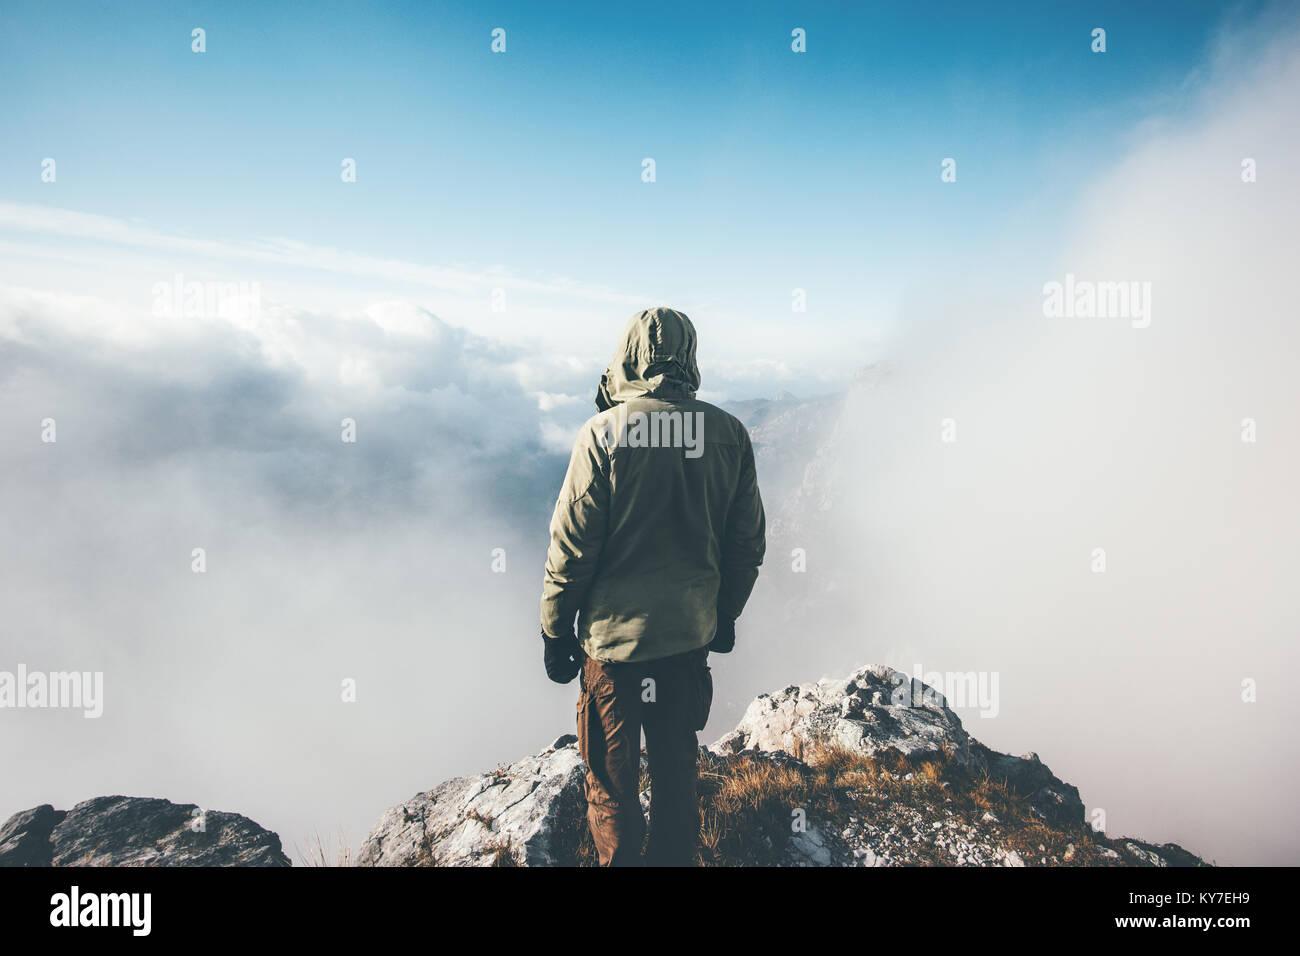 Traveler uomo sul vertice di montagna da soli godendo veduta aerea nuvole stile di vita viaggio concetto di successo Immagini Stock